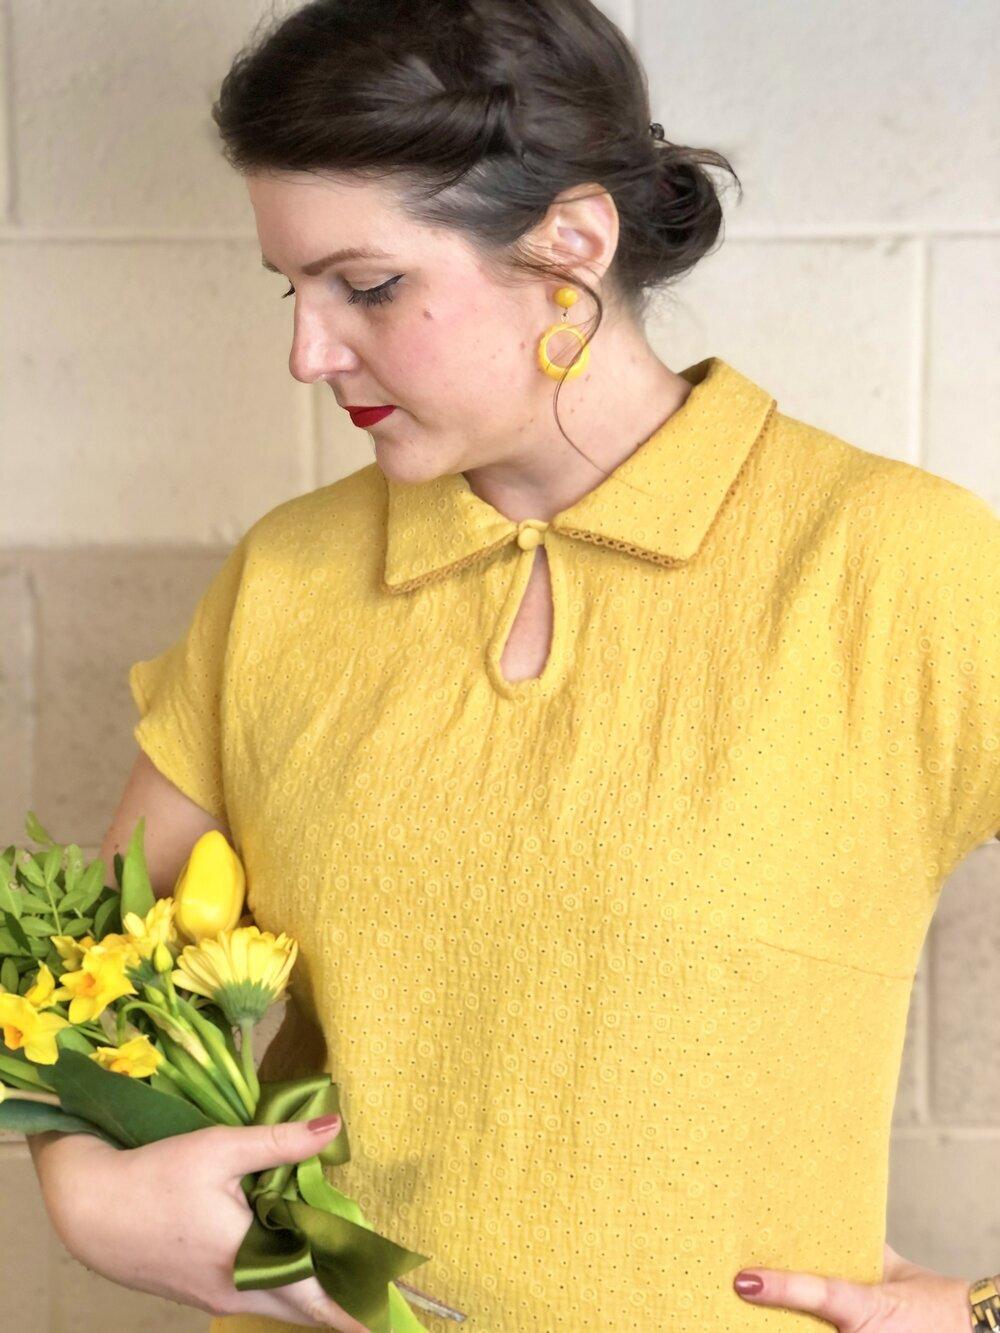 Rose's Wardrobe's Emma wearing the 'Jean' blouse in Mustard